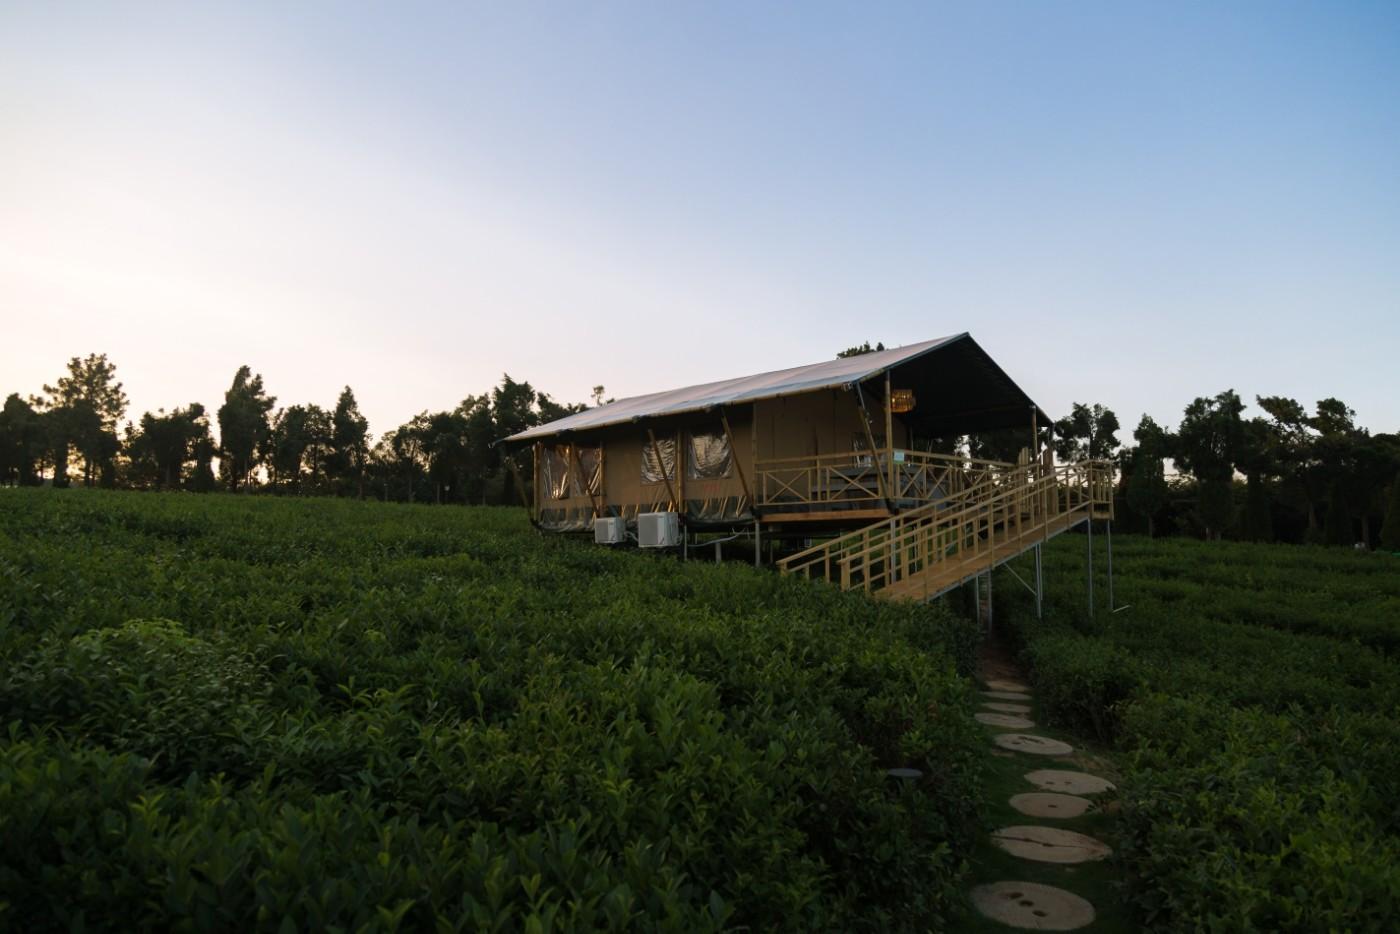 喜马拉雅野奢帐篷酒店—江苏常州茅山宝盛园茶园帐篷酒店21